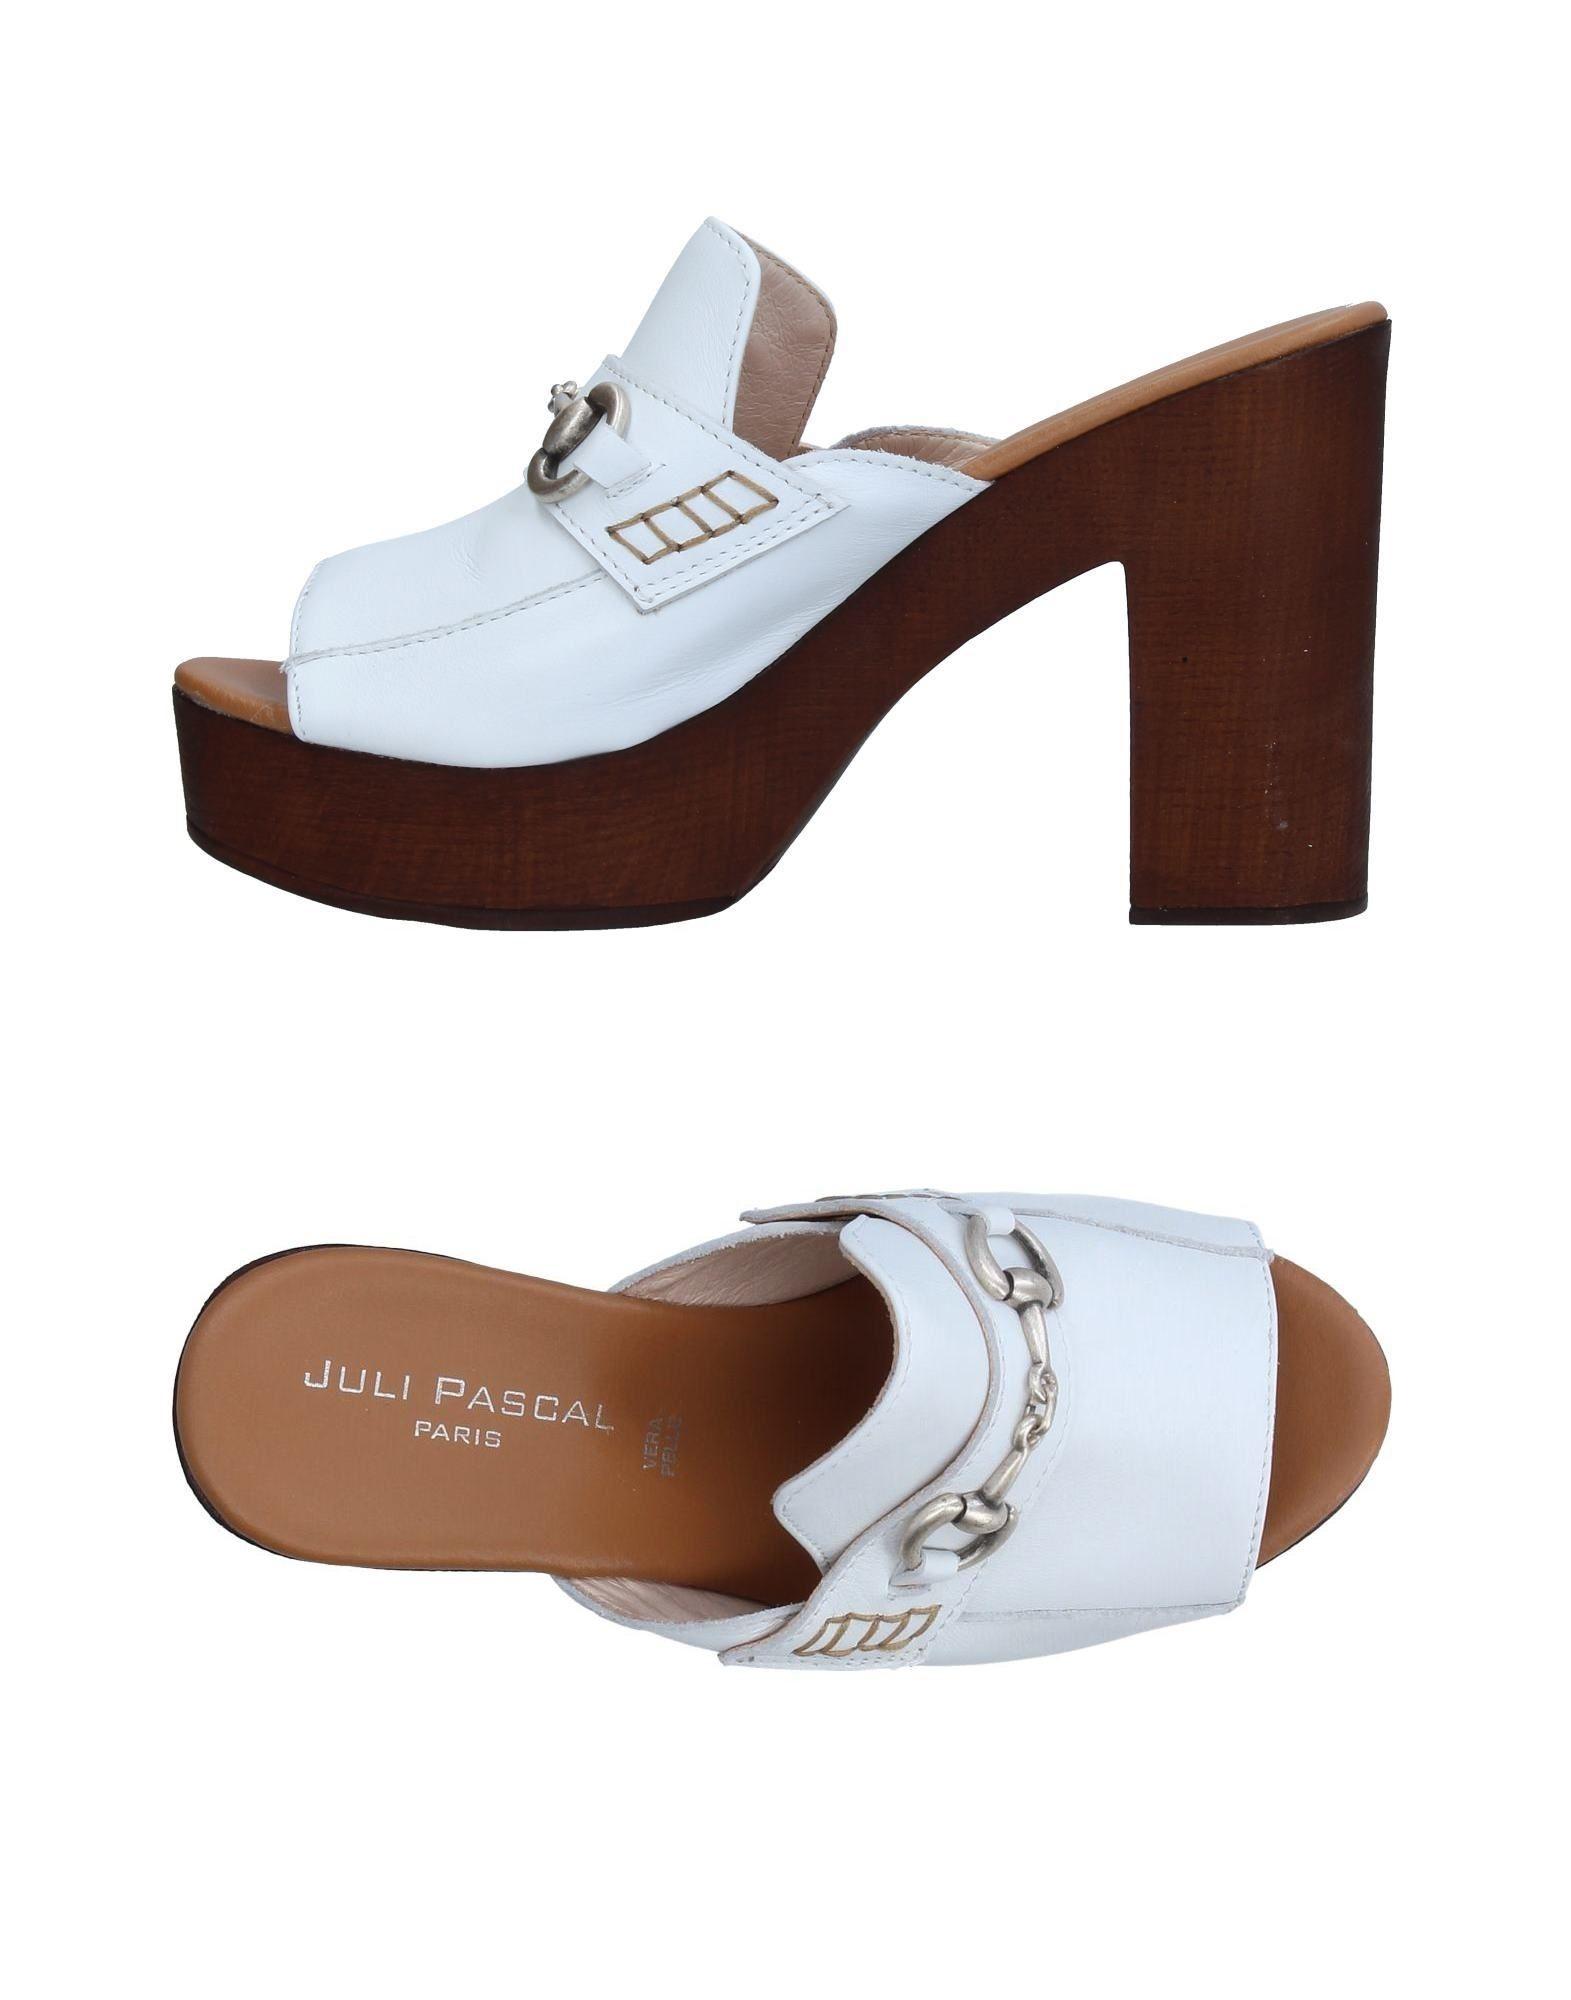 FOOTWEAR - Low-tops & sneakers Juli Pascal Paris Ub6re2Y9B